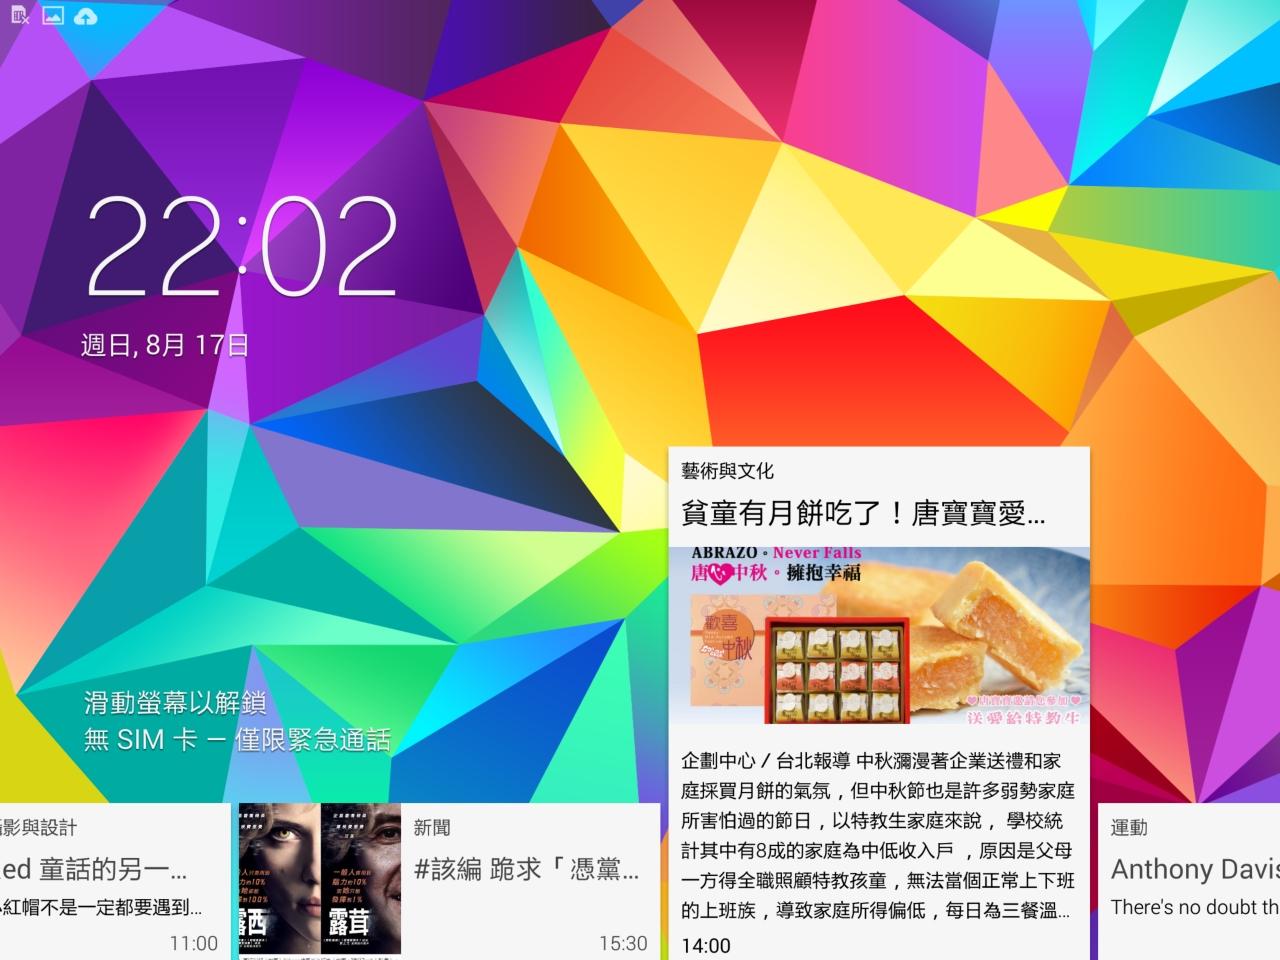 【達人玩平板】Samsung GALAXY Tab S 初體驗:貼心、舒適、直覺、順手的高階平板